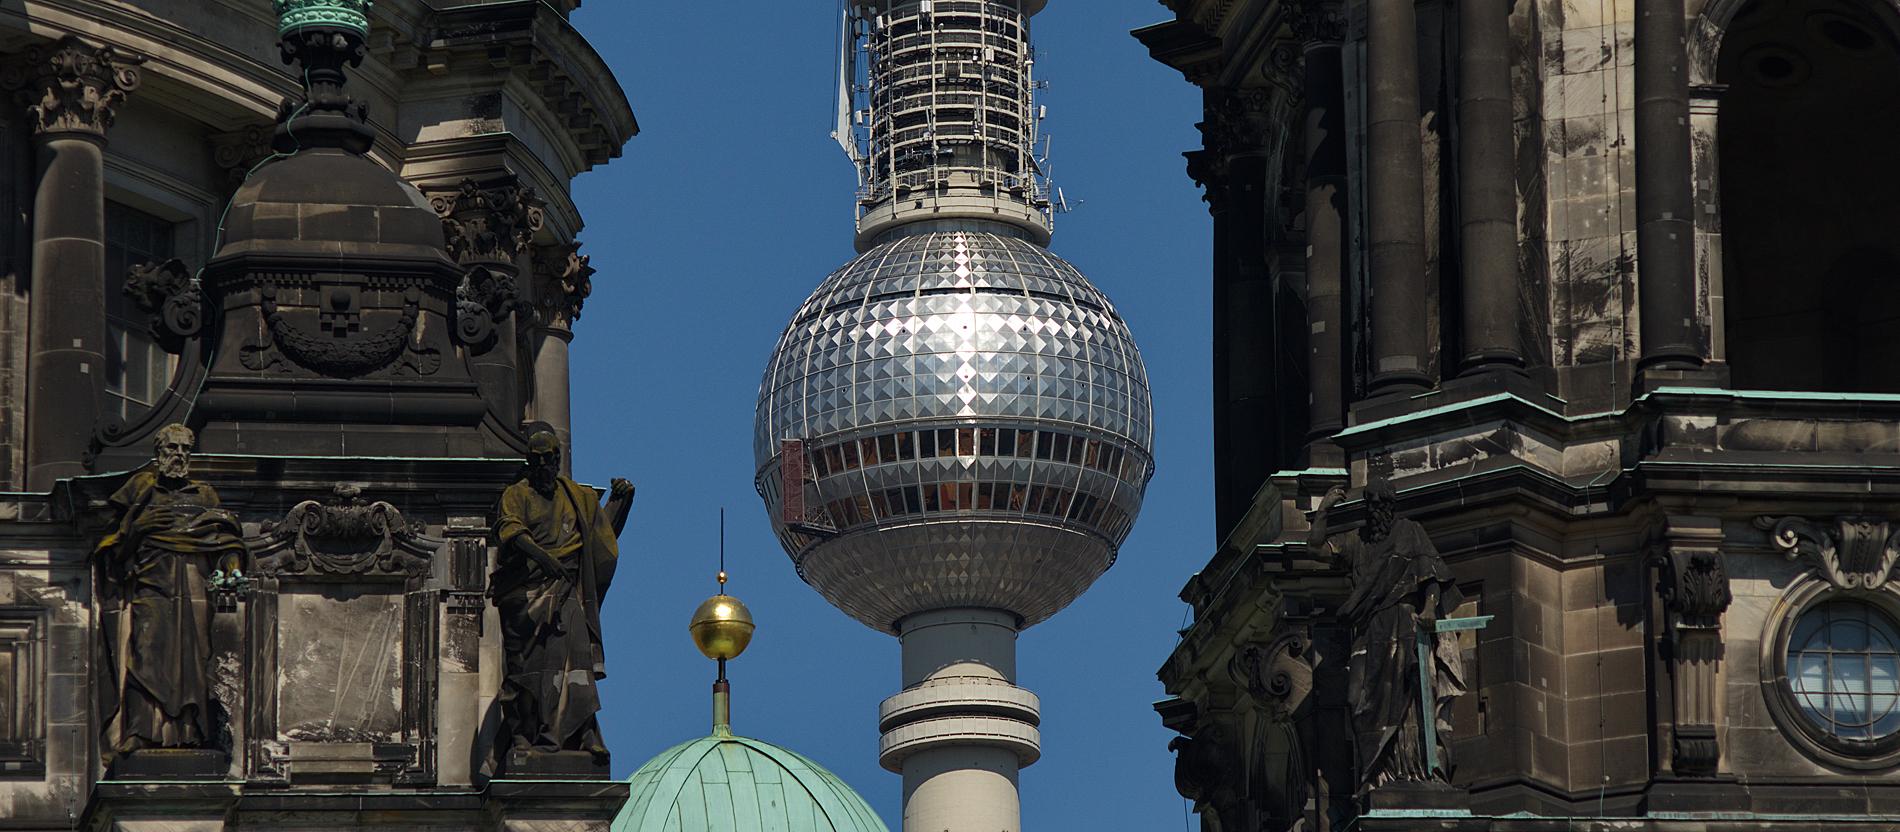 fotolia_86663151_berlin_fernsehturm_dom.